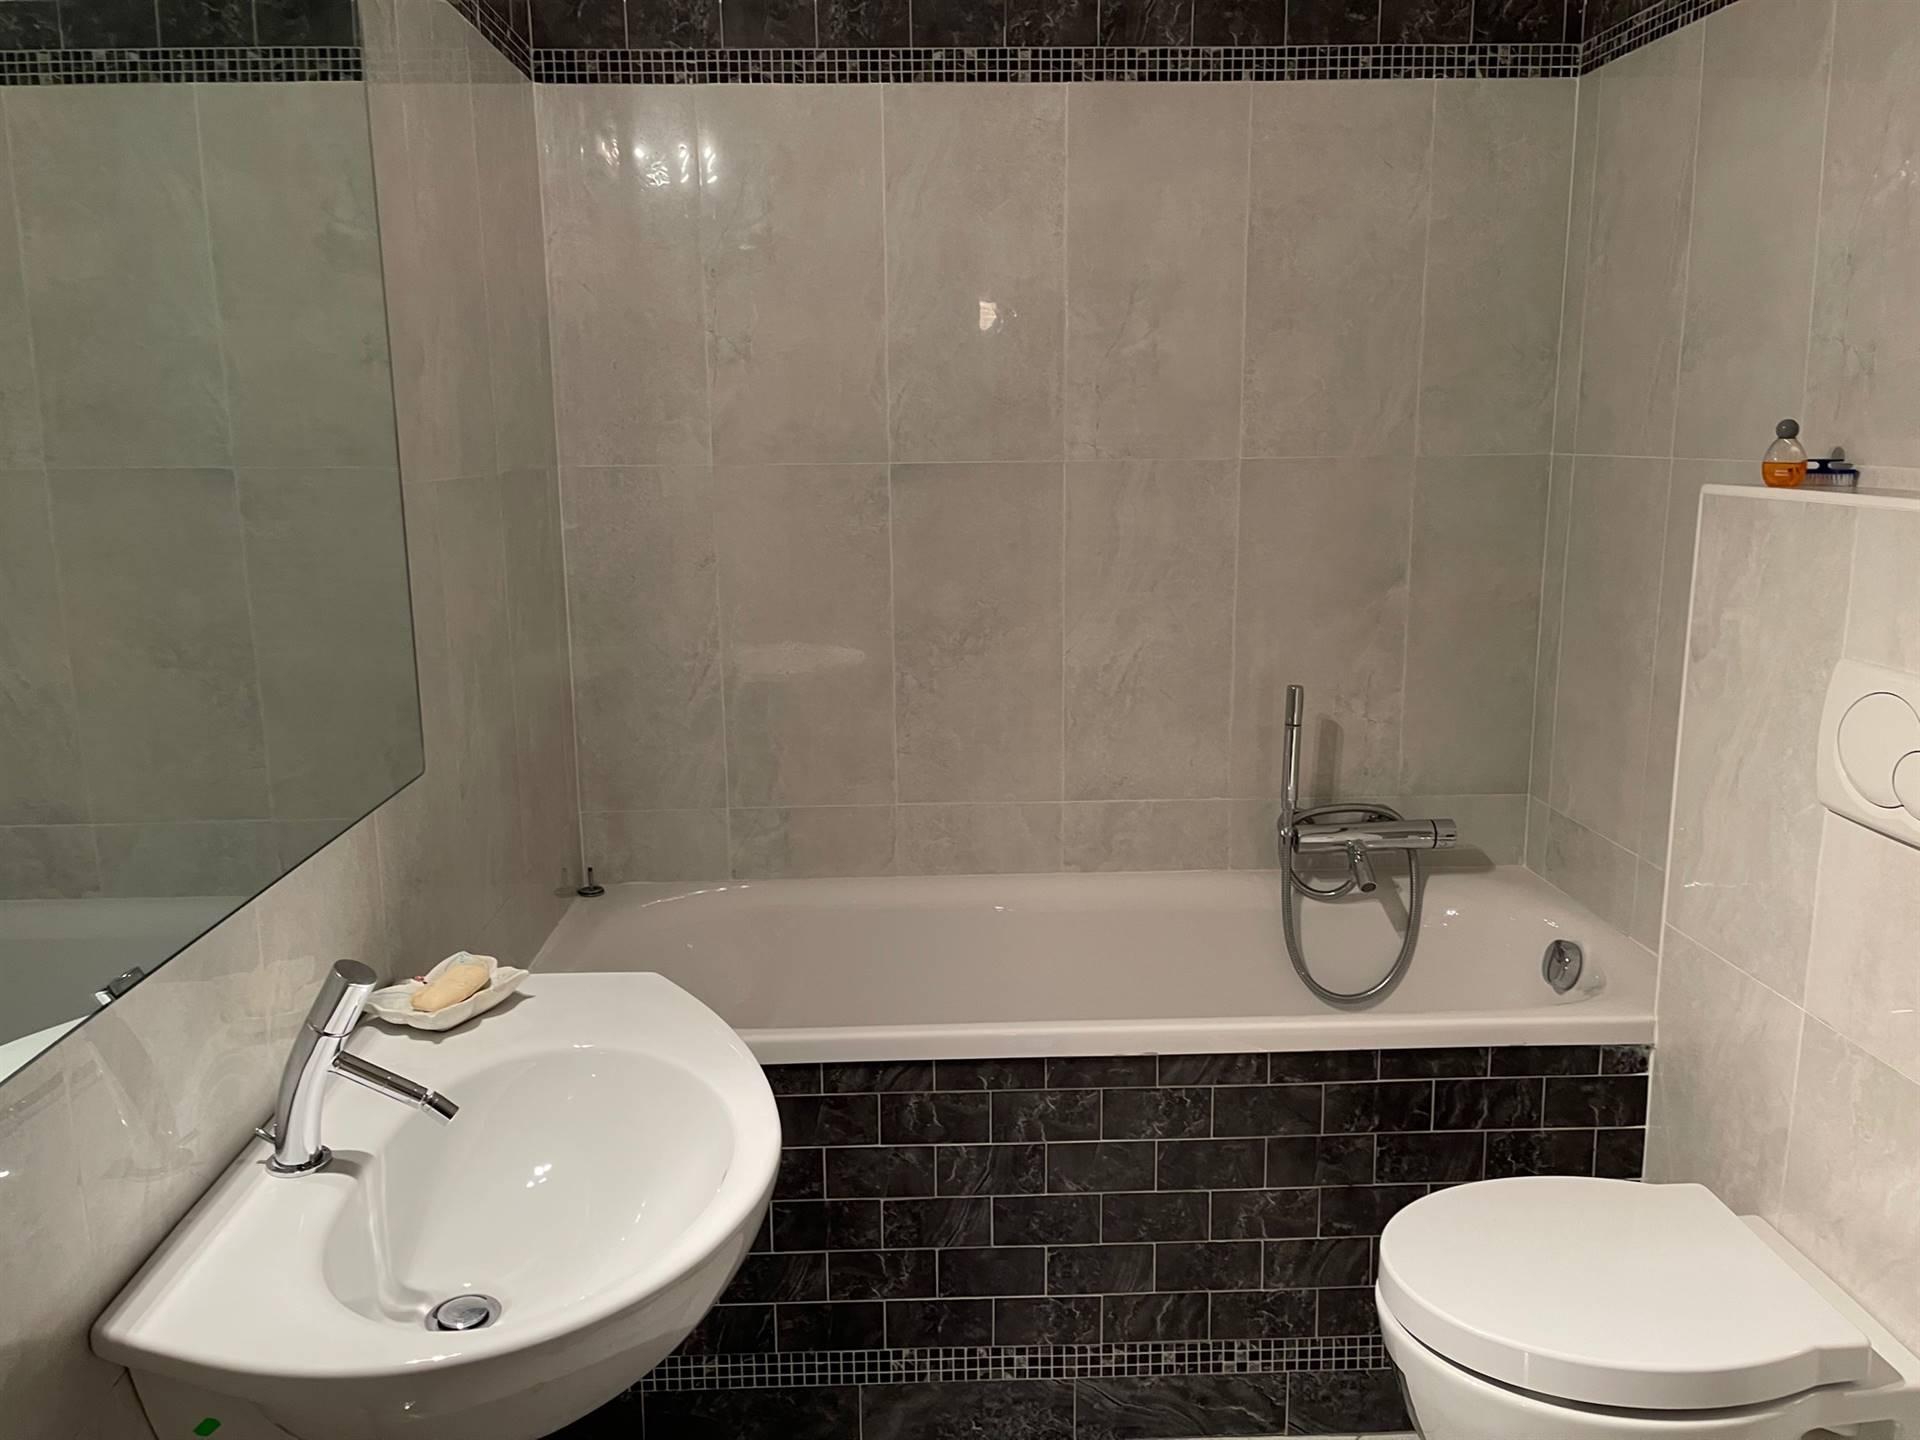 bagno con vasca immobile Mestre Studio C